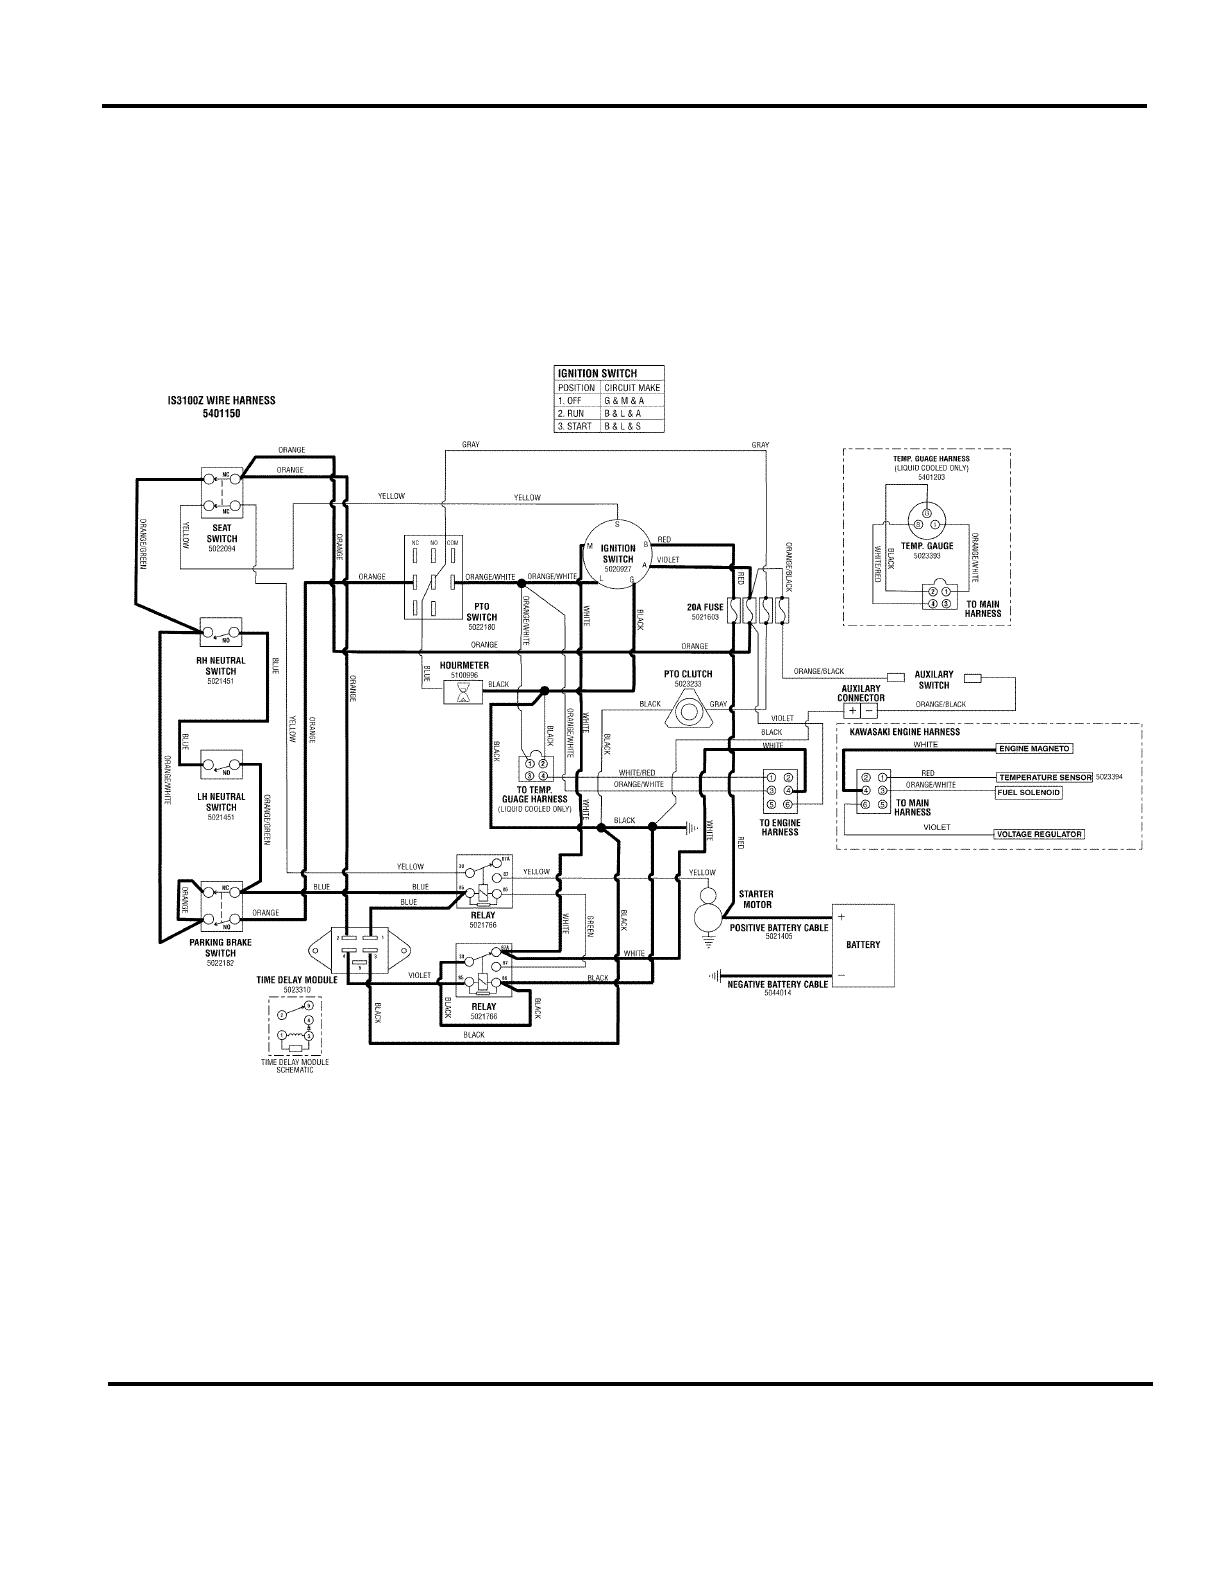 ferris is3000 wiring diagram